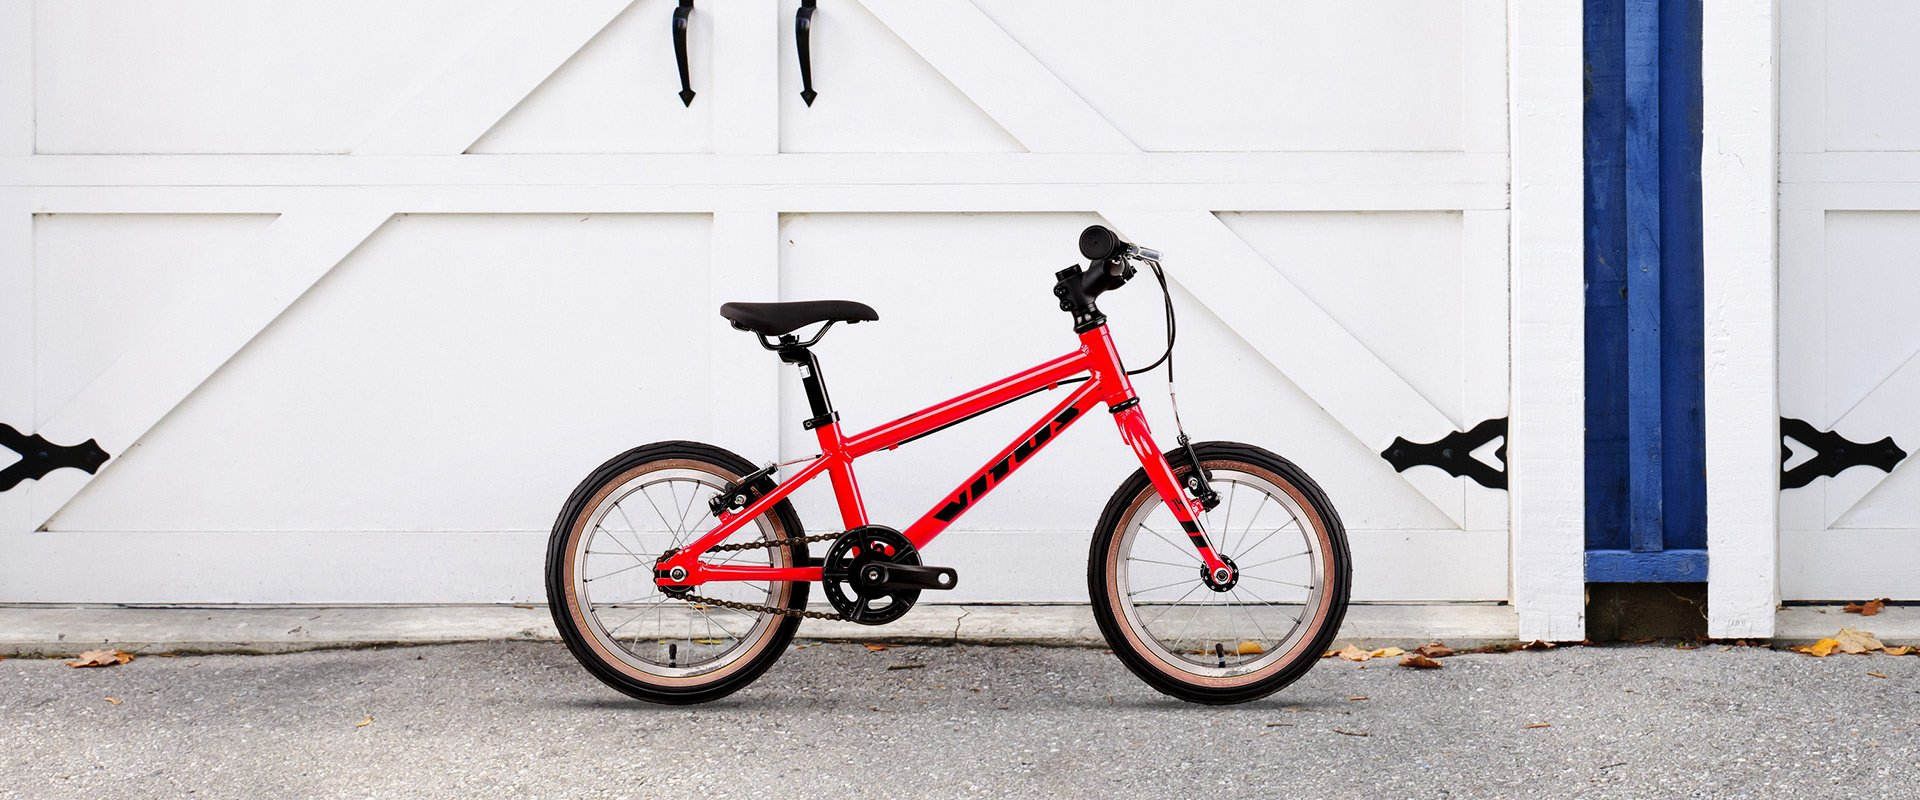 14 Kids Bike